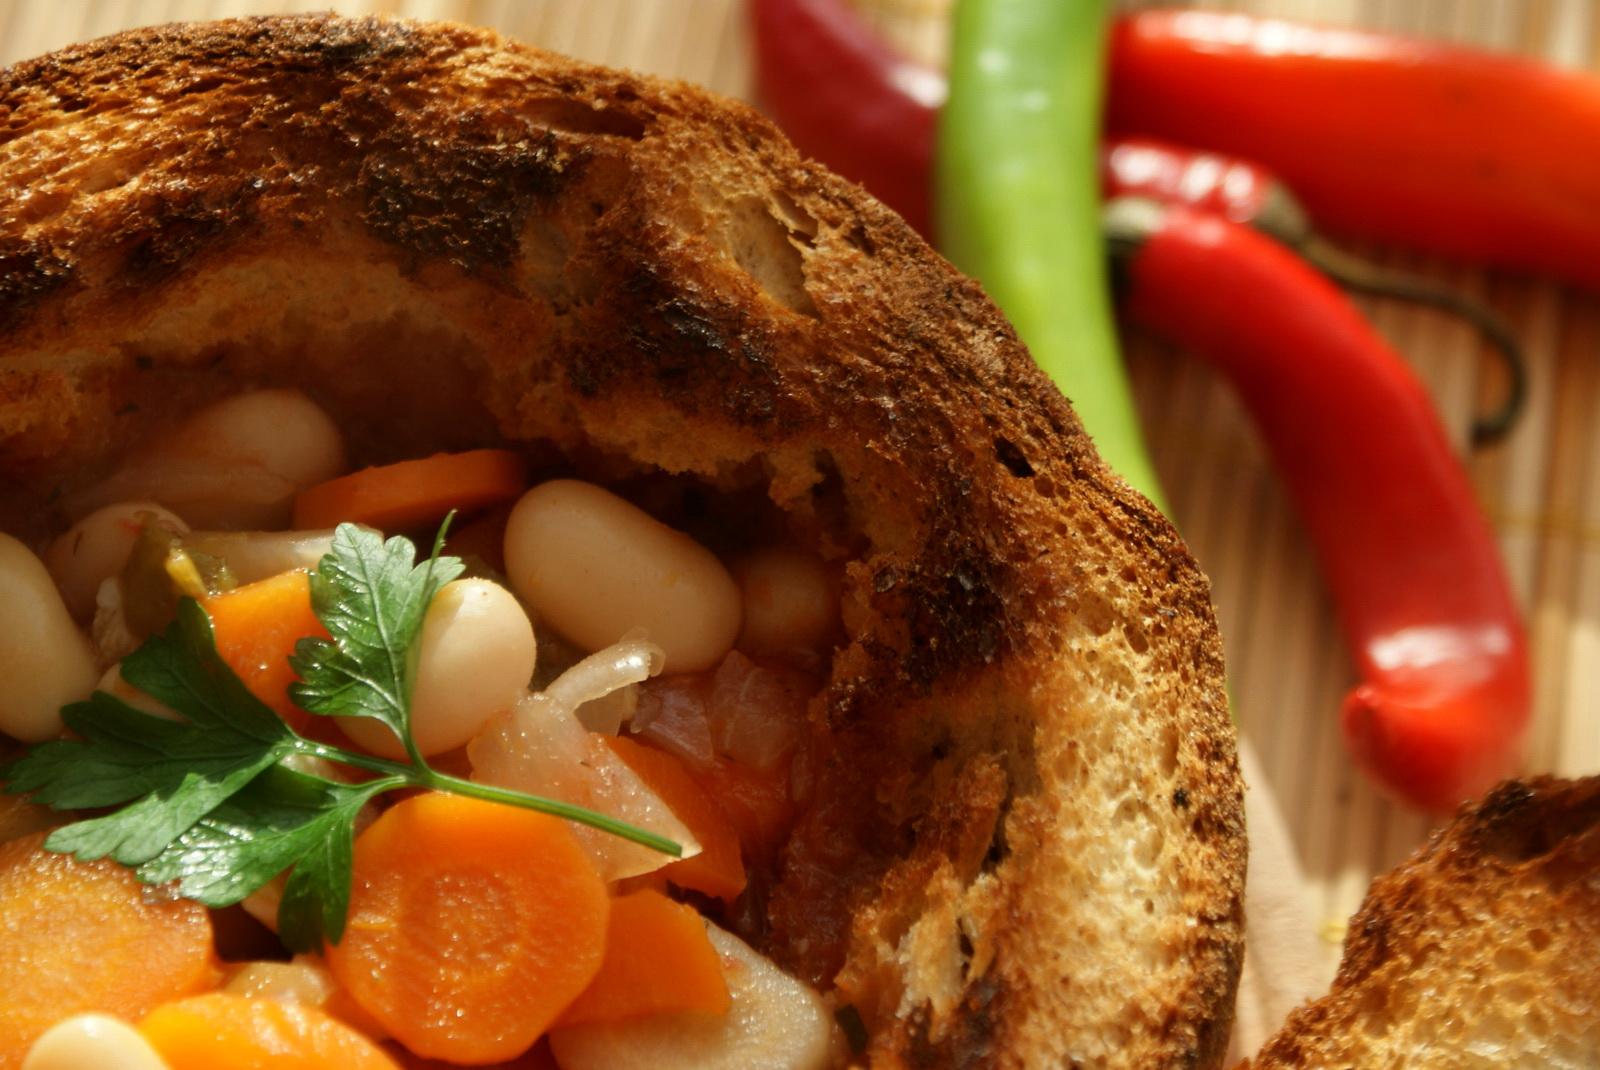 Bohnensuppe im Brot, eine  kulinarische Delikatesse aus der Region des Parang-Gebirges